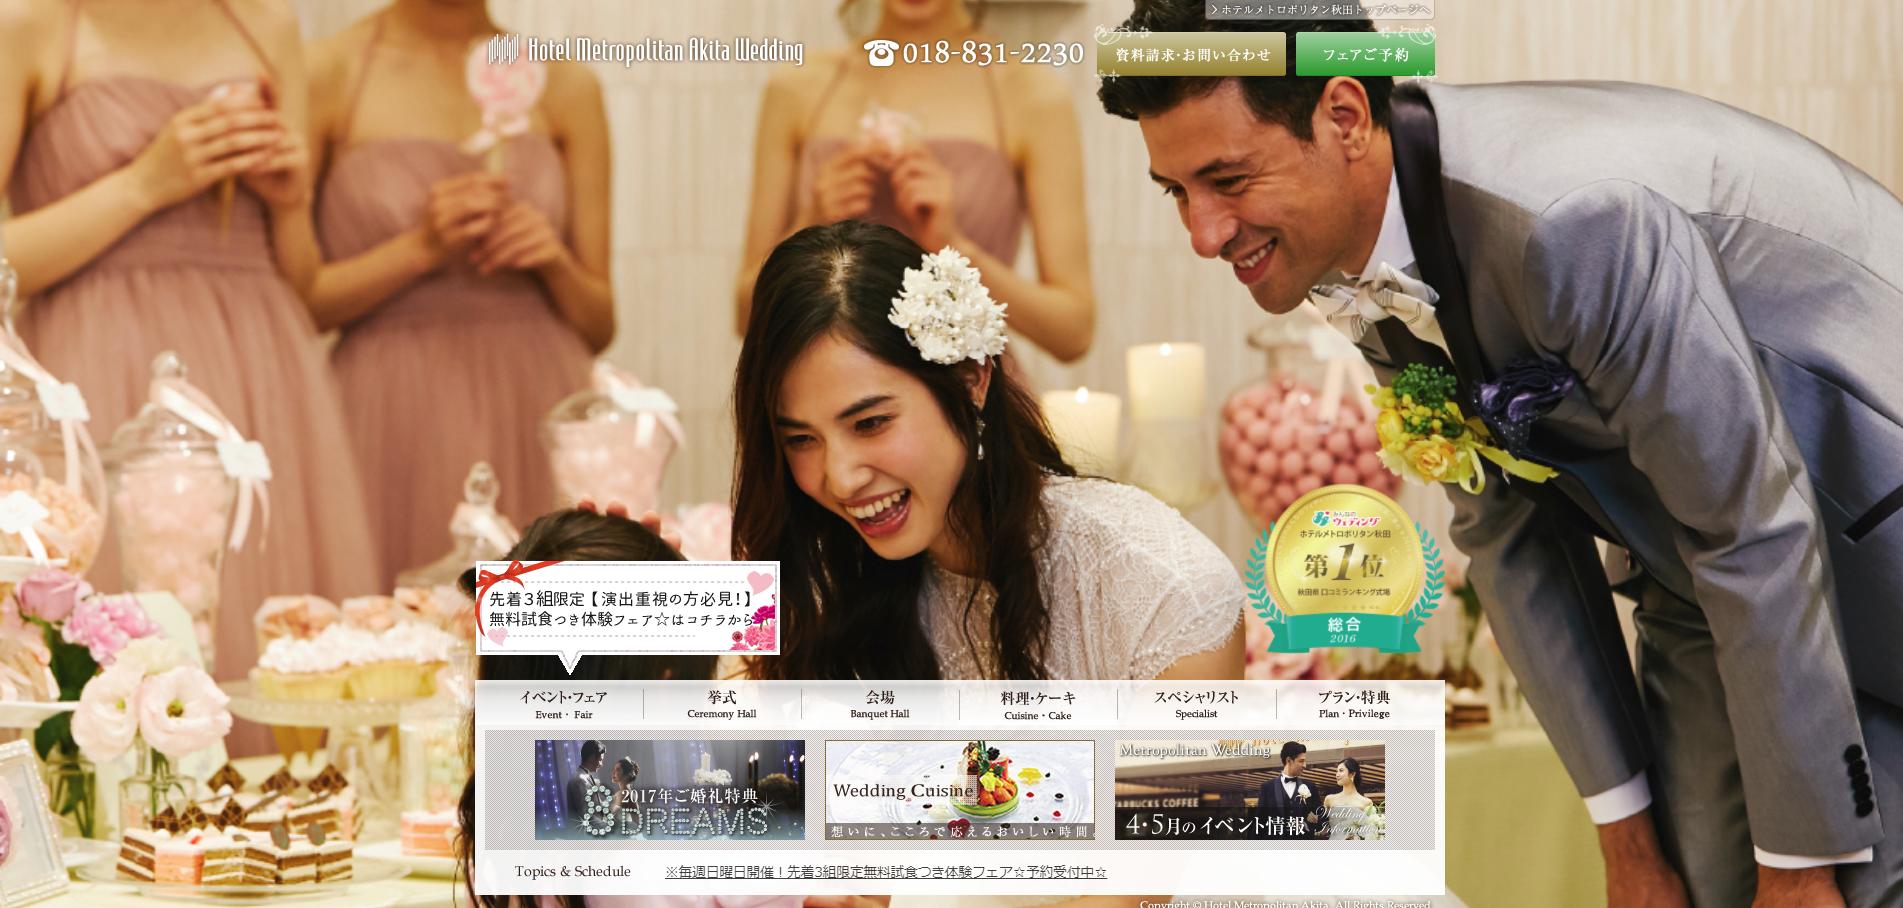 ホテルメトロポリタン秋田 ウェディング